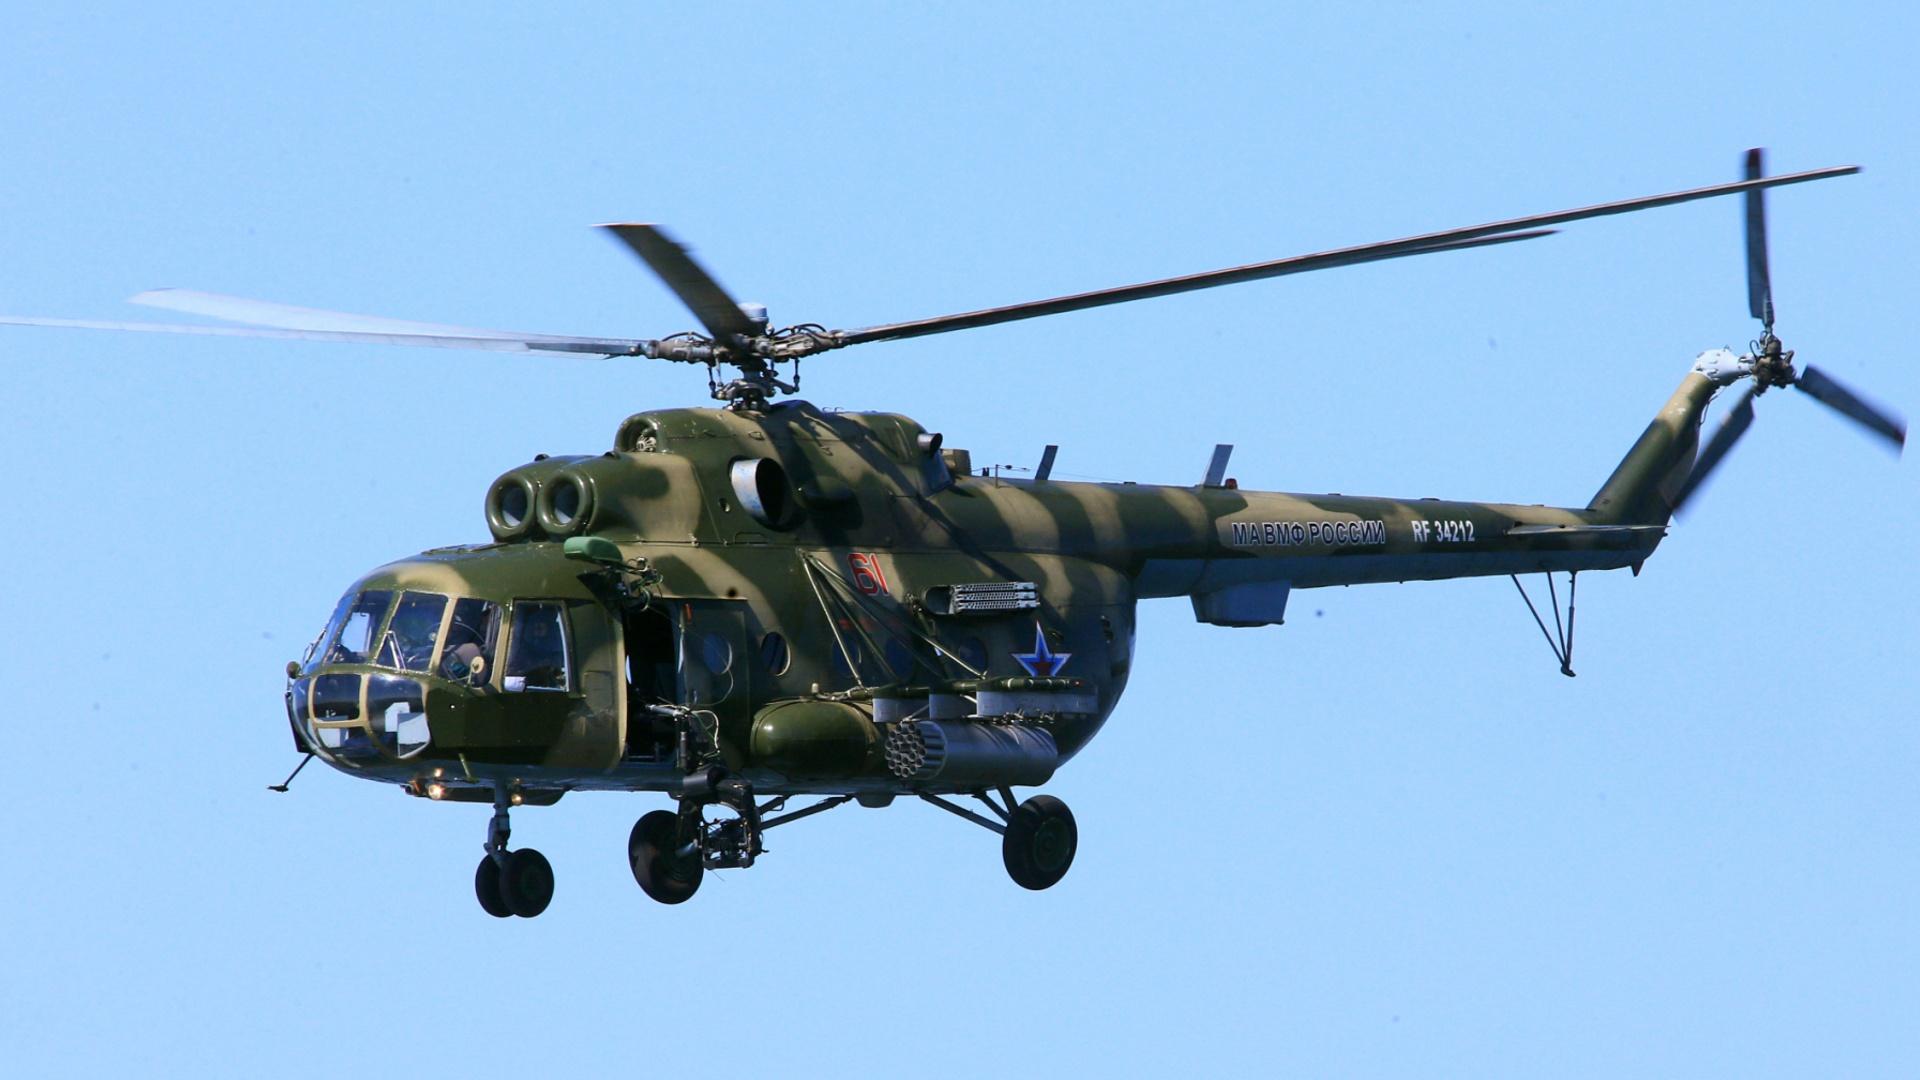 Восемь человек выжили во время крушения вертолёта Ми-8 на Камчатке